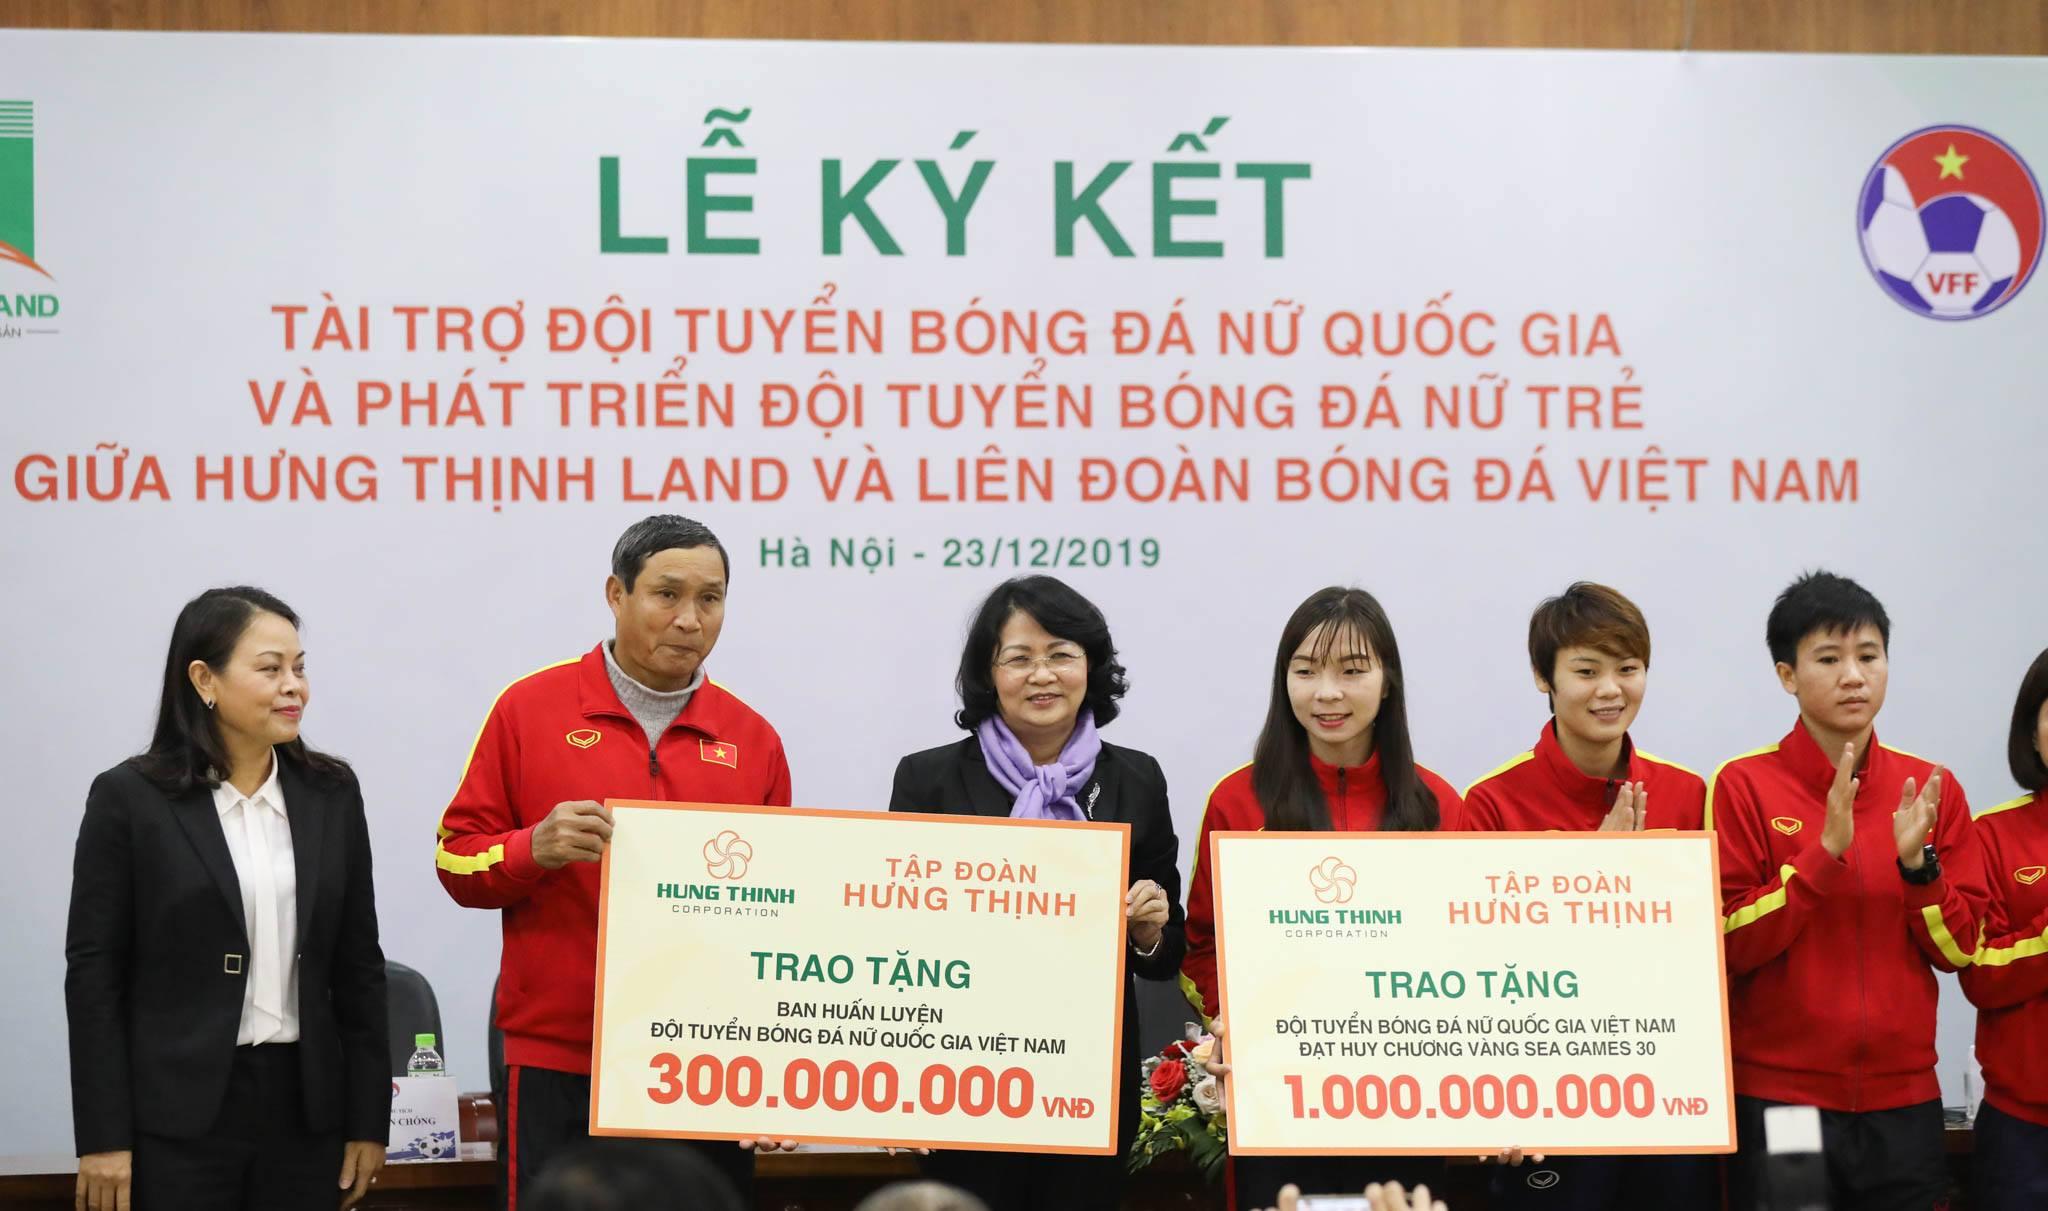 Hưng Thịnh Land tài trợ 100 tỷ đồng cho Đội tuyển bóng đá nữ Quốc gia và Phát triển Đội tuyển nữ trẻ hướng đến World Cup 4